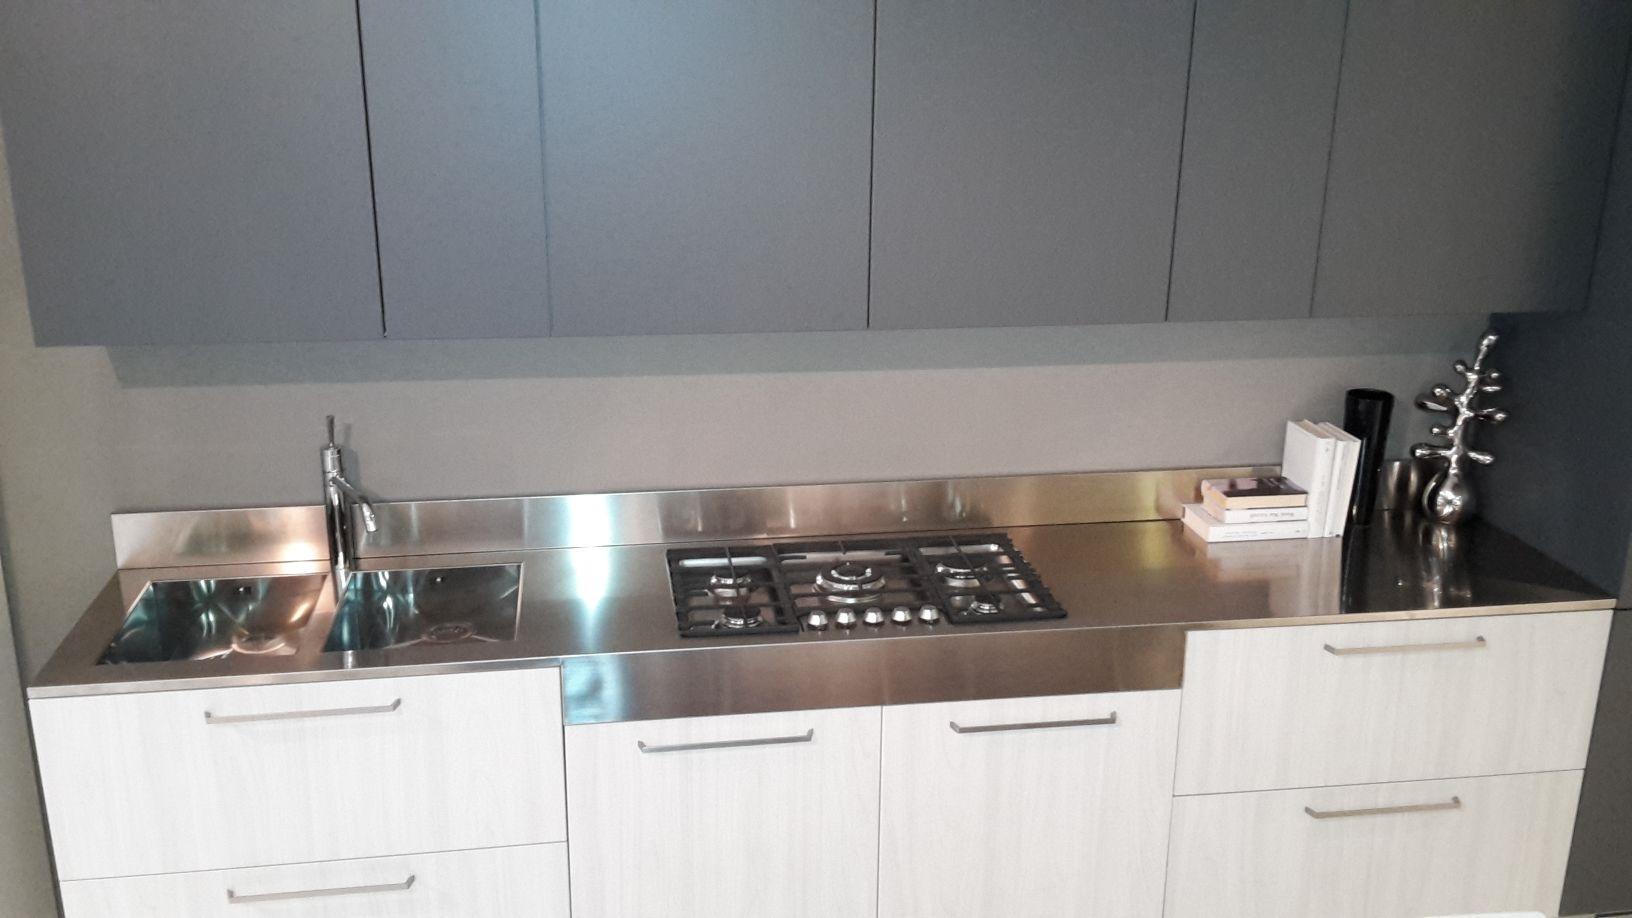 Cucina luna laminato olmo bianco e grigio grafite cucine for Cucina luna arredo3 prezzi